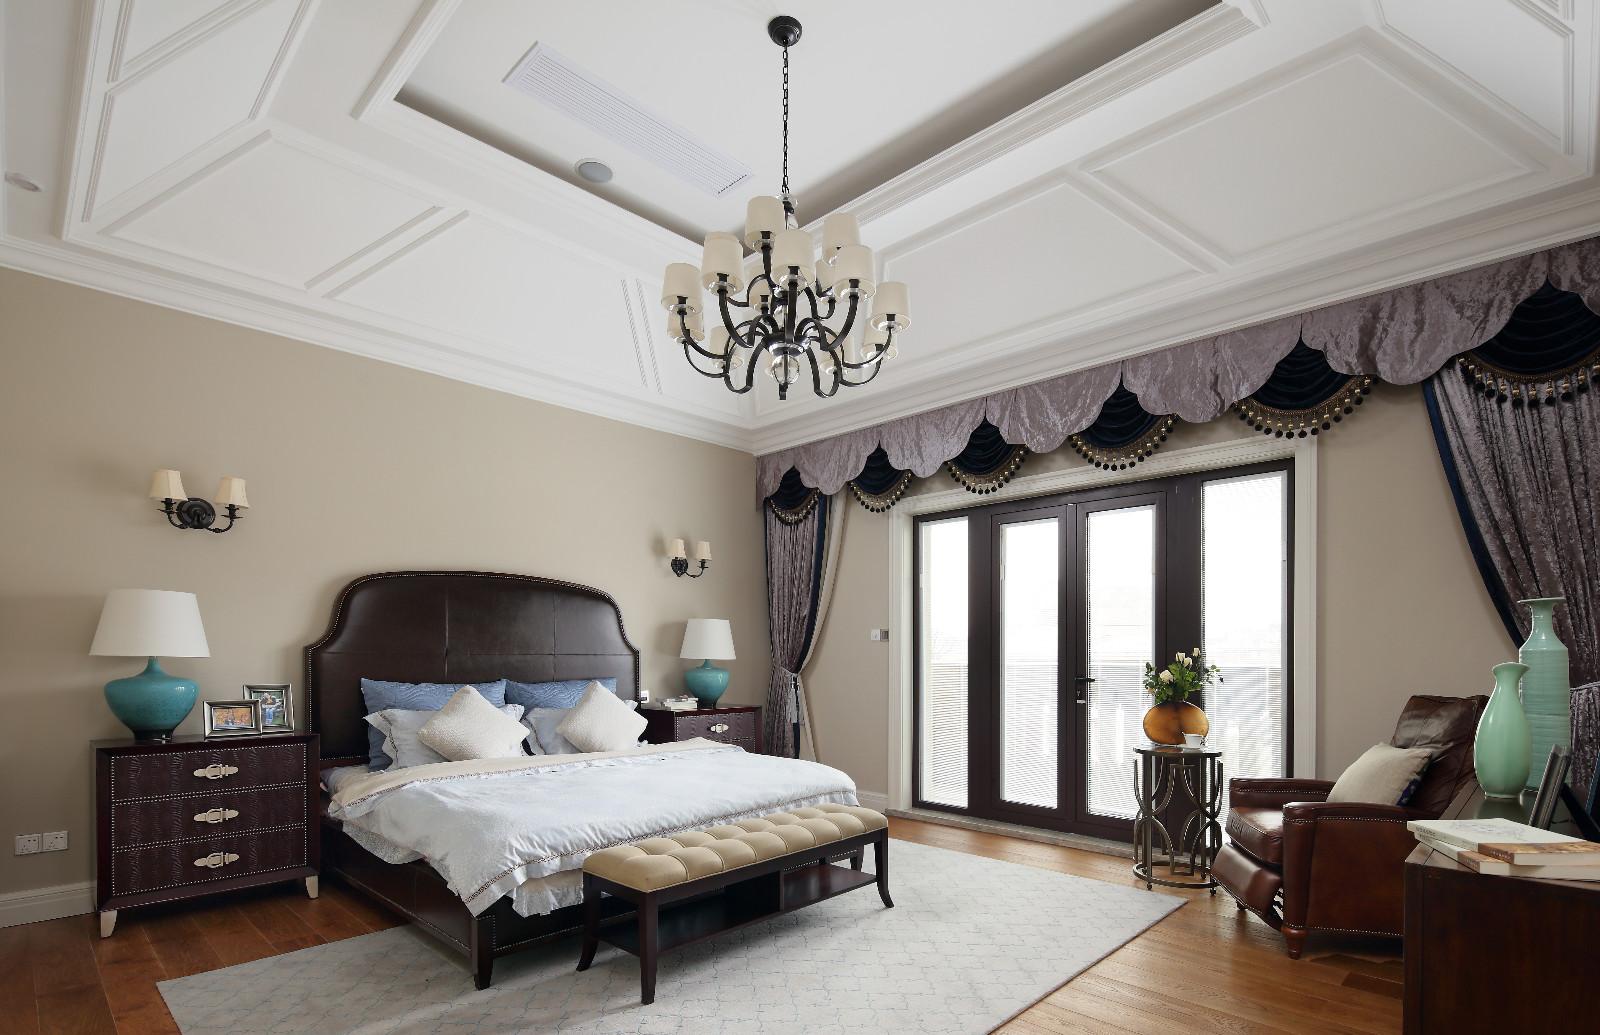 美式风格别墅卧室装修效果图